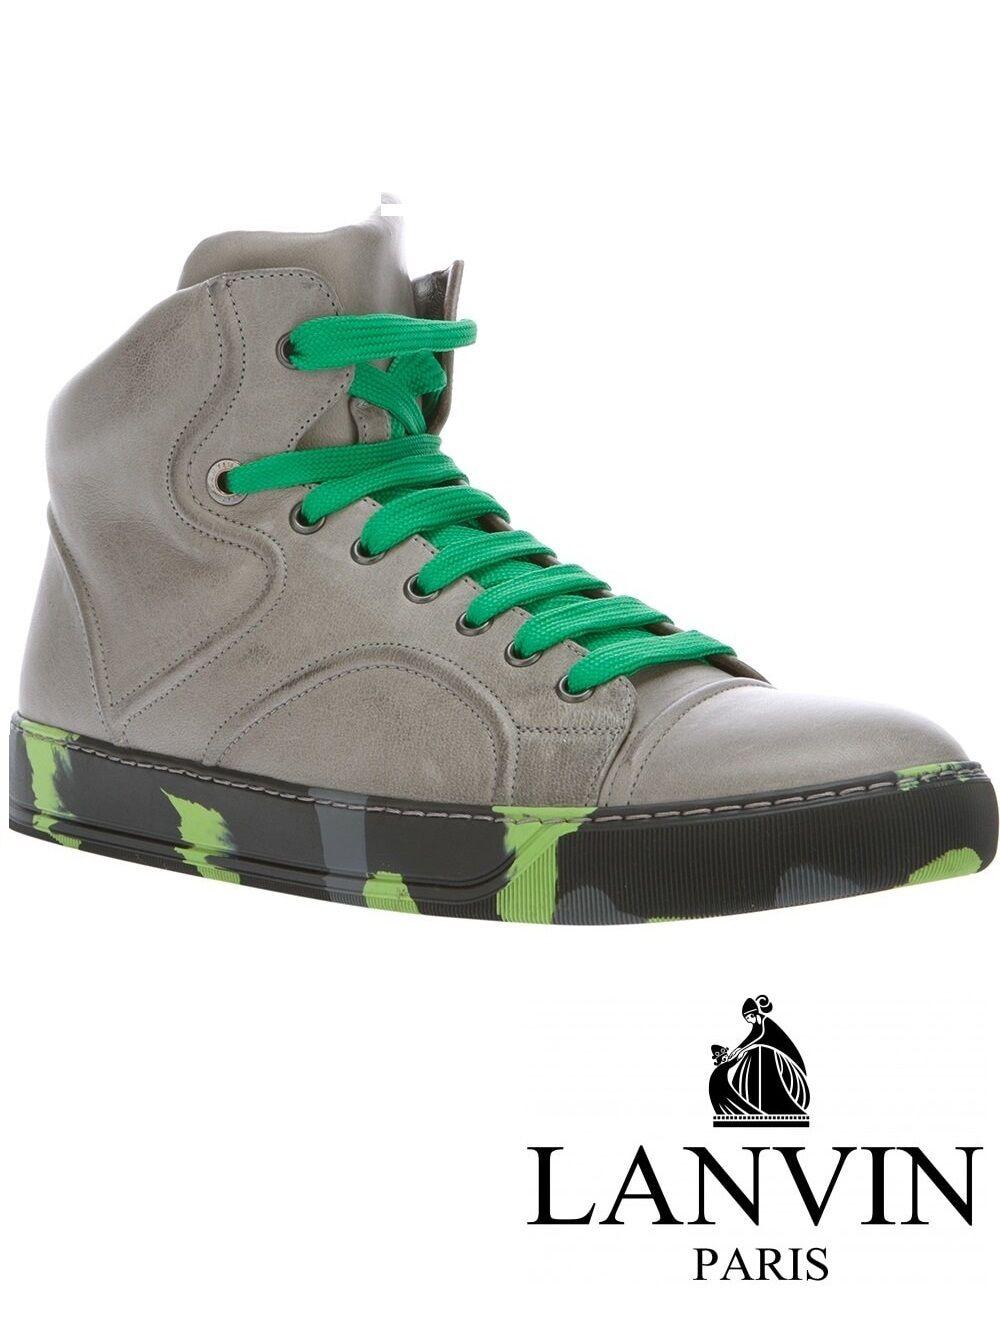 LANVIN Pelle di Agnello Grigio Paris Hi-Top Scarpe da ginnastica con raccoglipolvere-Regno Unito da uomo taglia 6 | Alta qualità ed economico  | Scolaro/Ragazze Scarpa